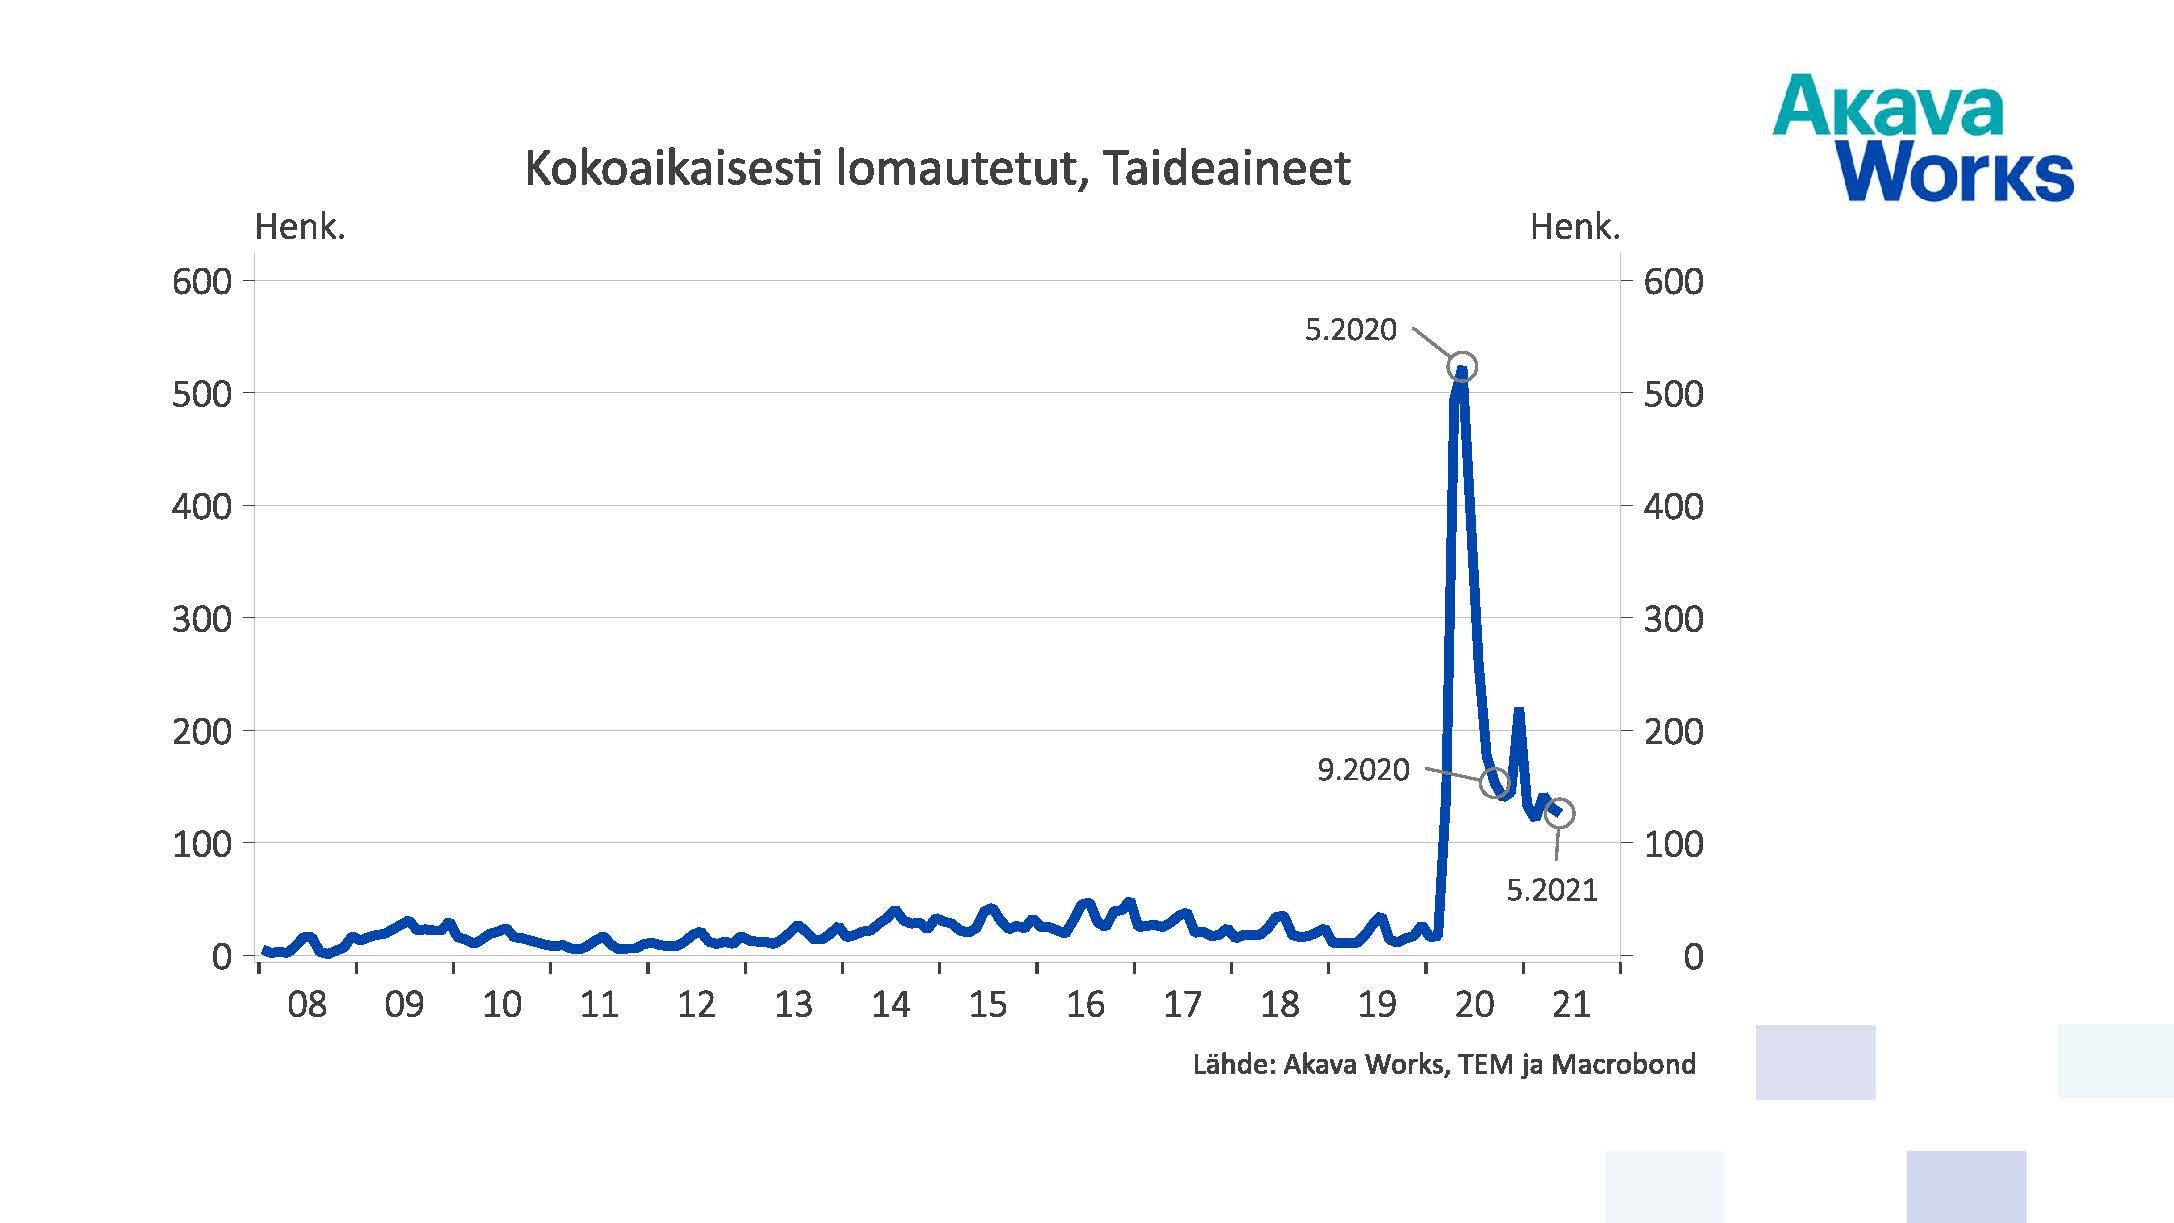 Kokoaikaisesti lomautetut, taideaineet 01/2008 - 05/2021